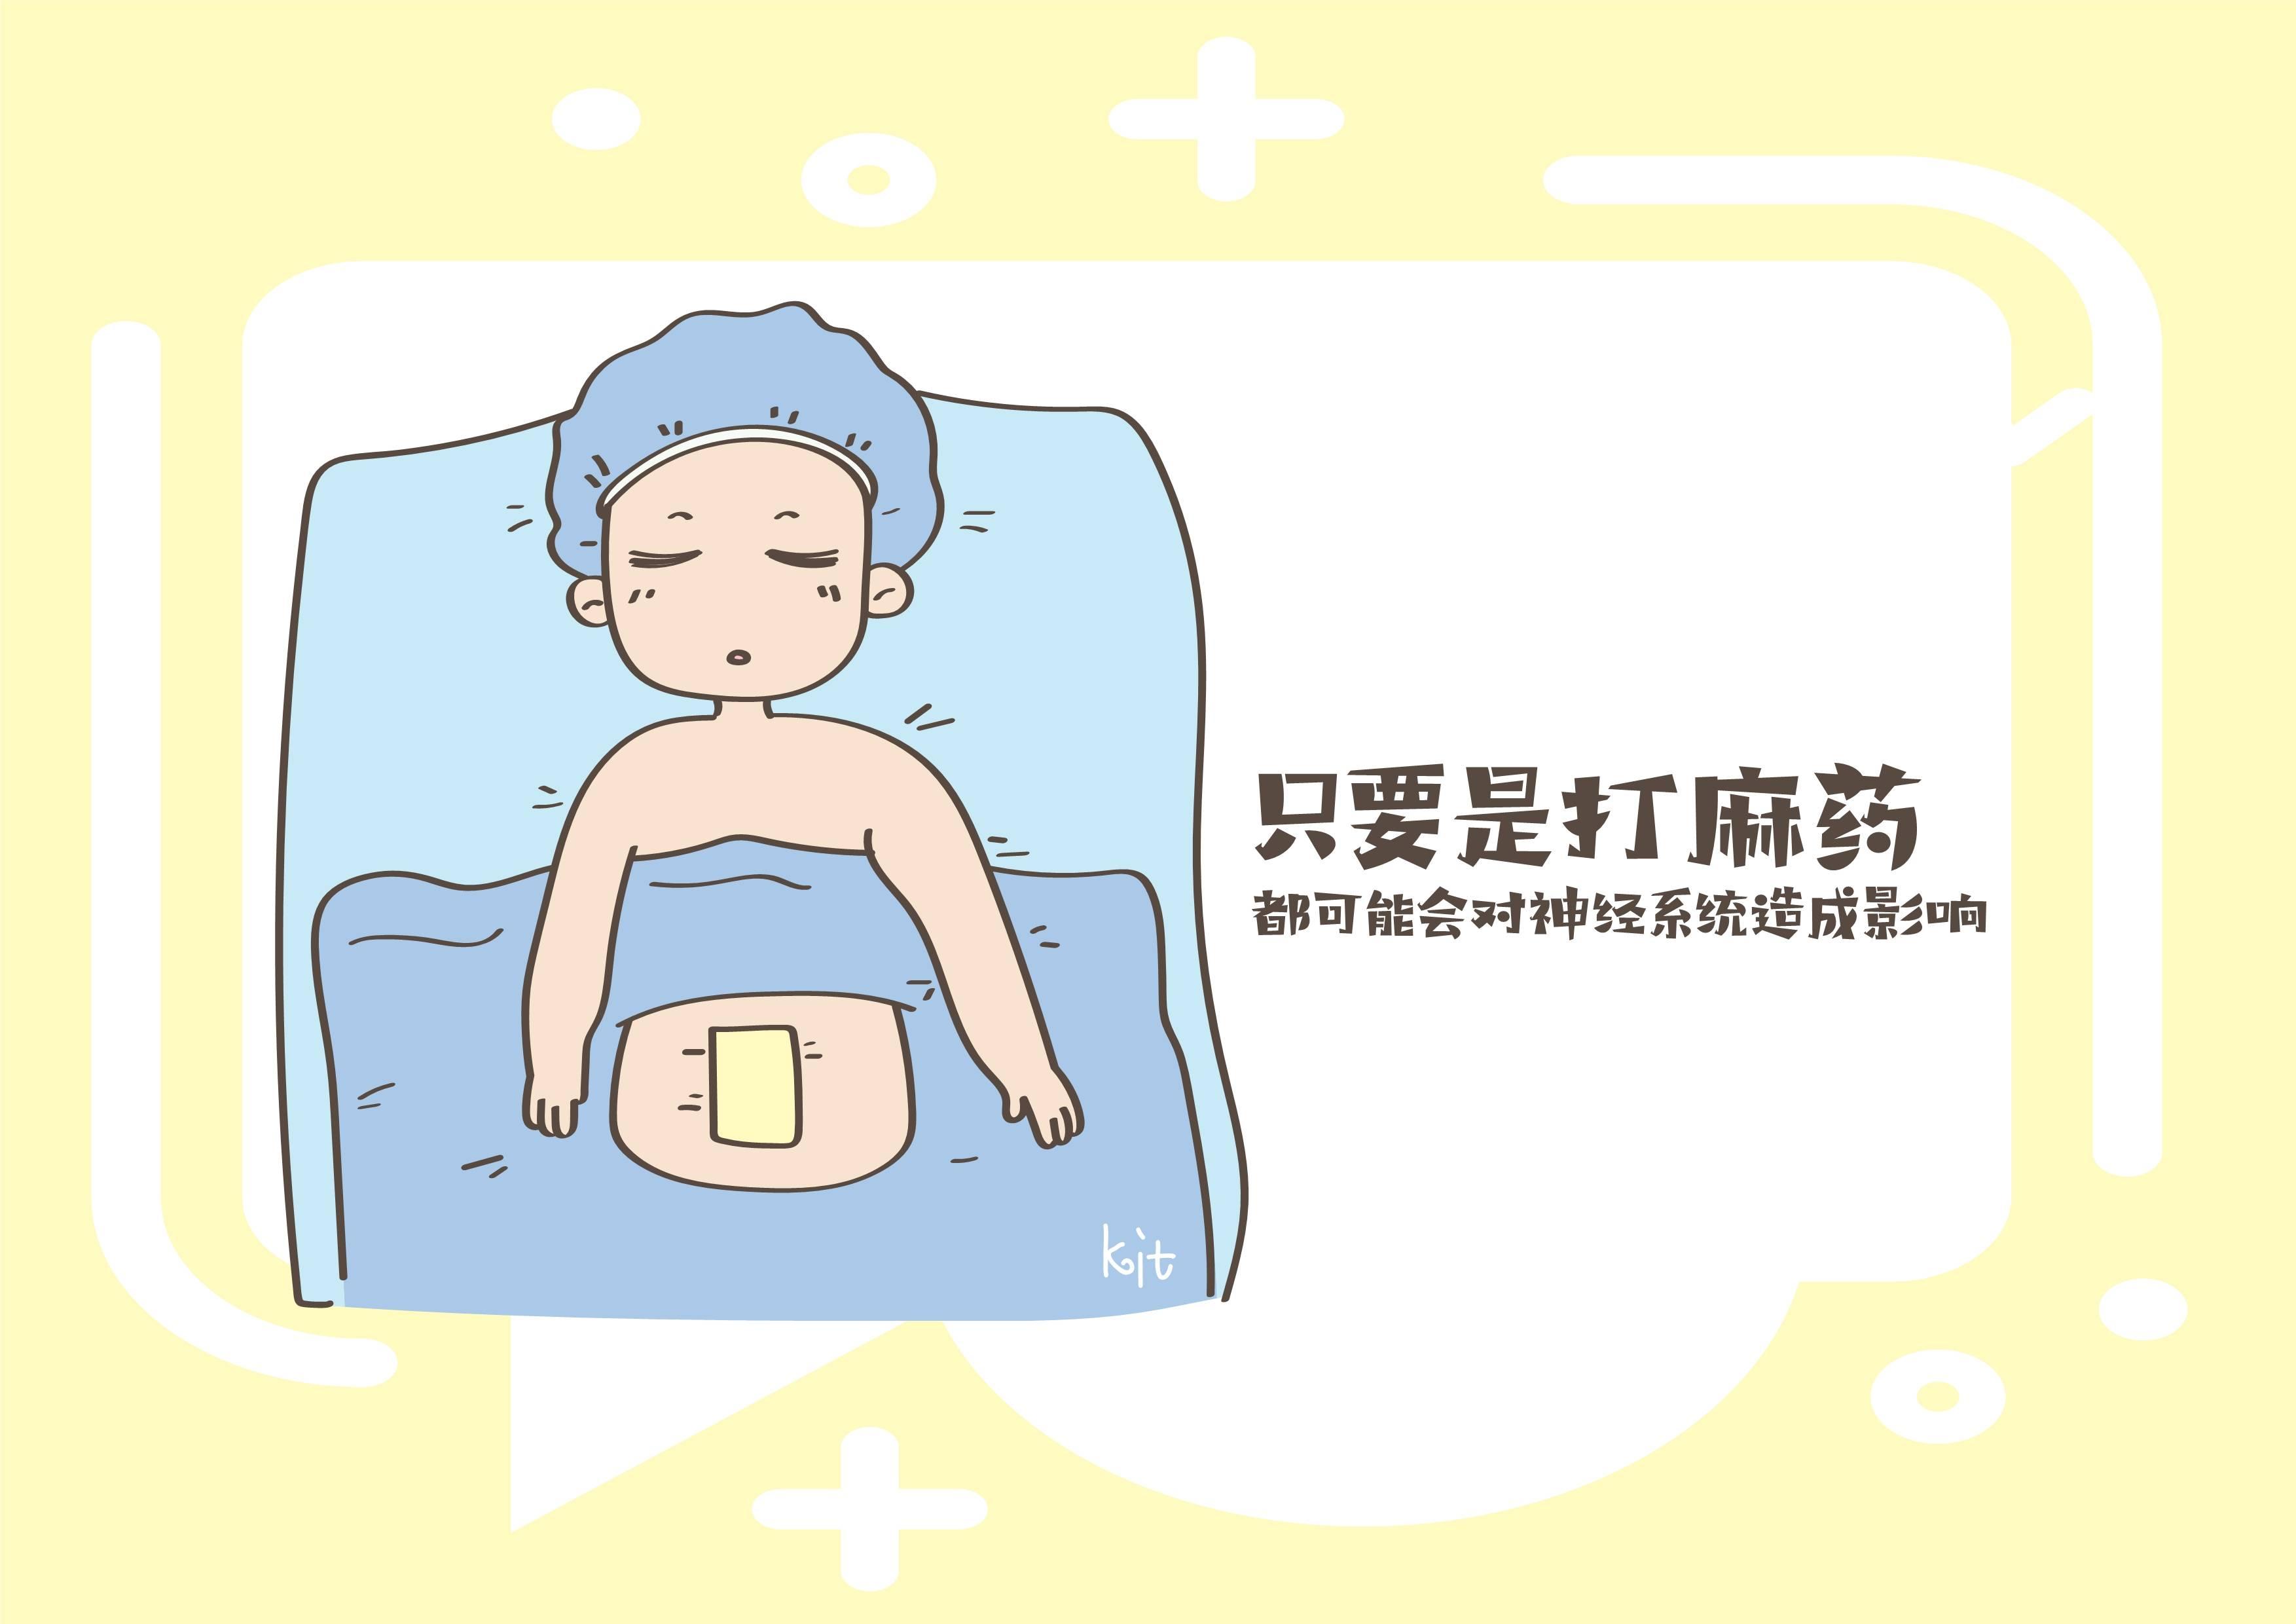 """剖宫产为啥""""半麻""""?这根本不解决痛的问题啊!医生:别要求"""